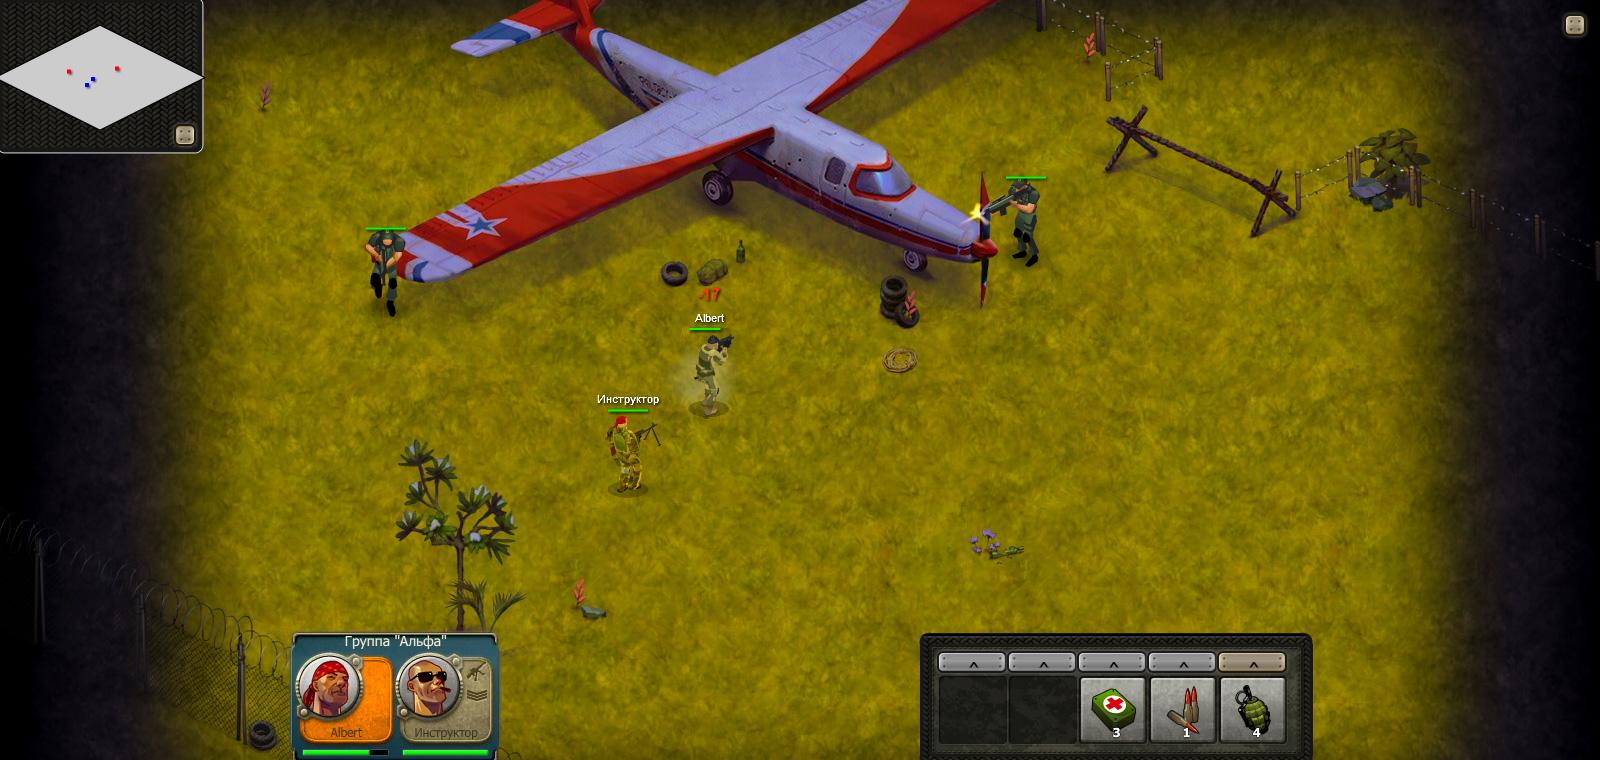 Riot Возле самолета